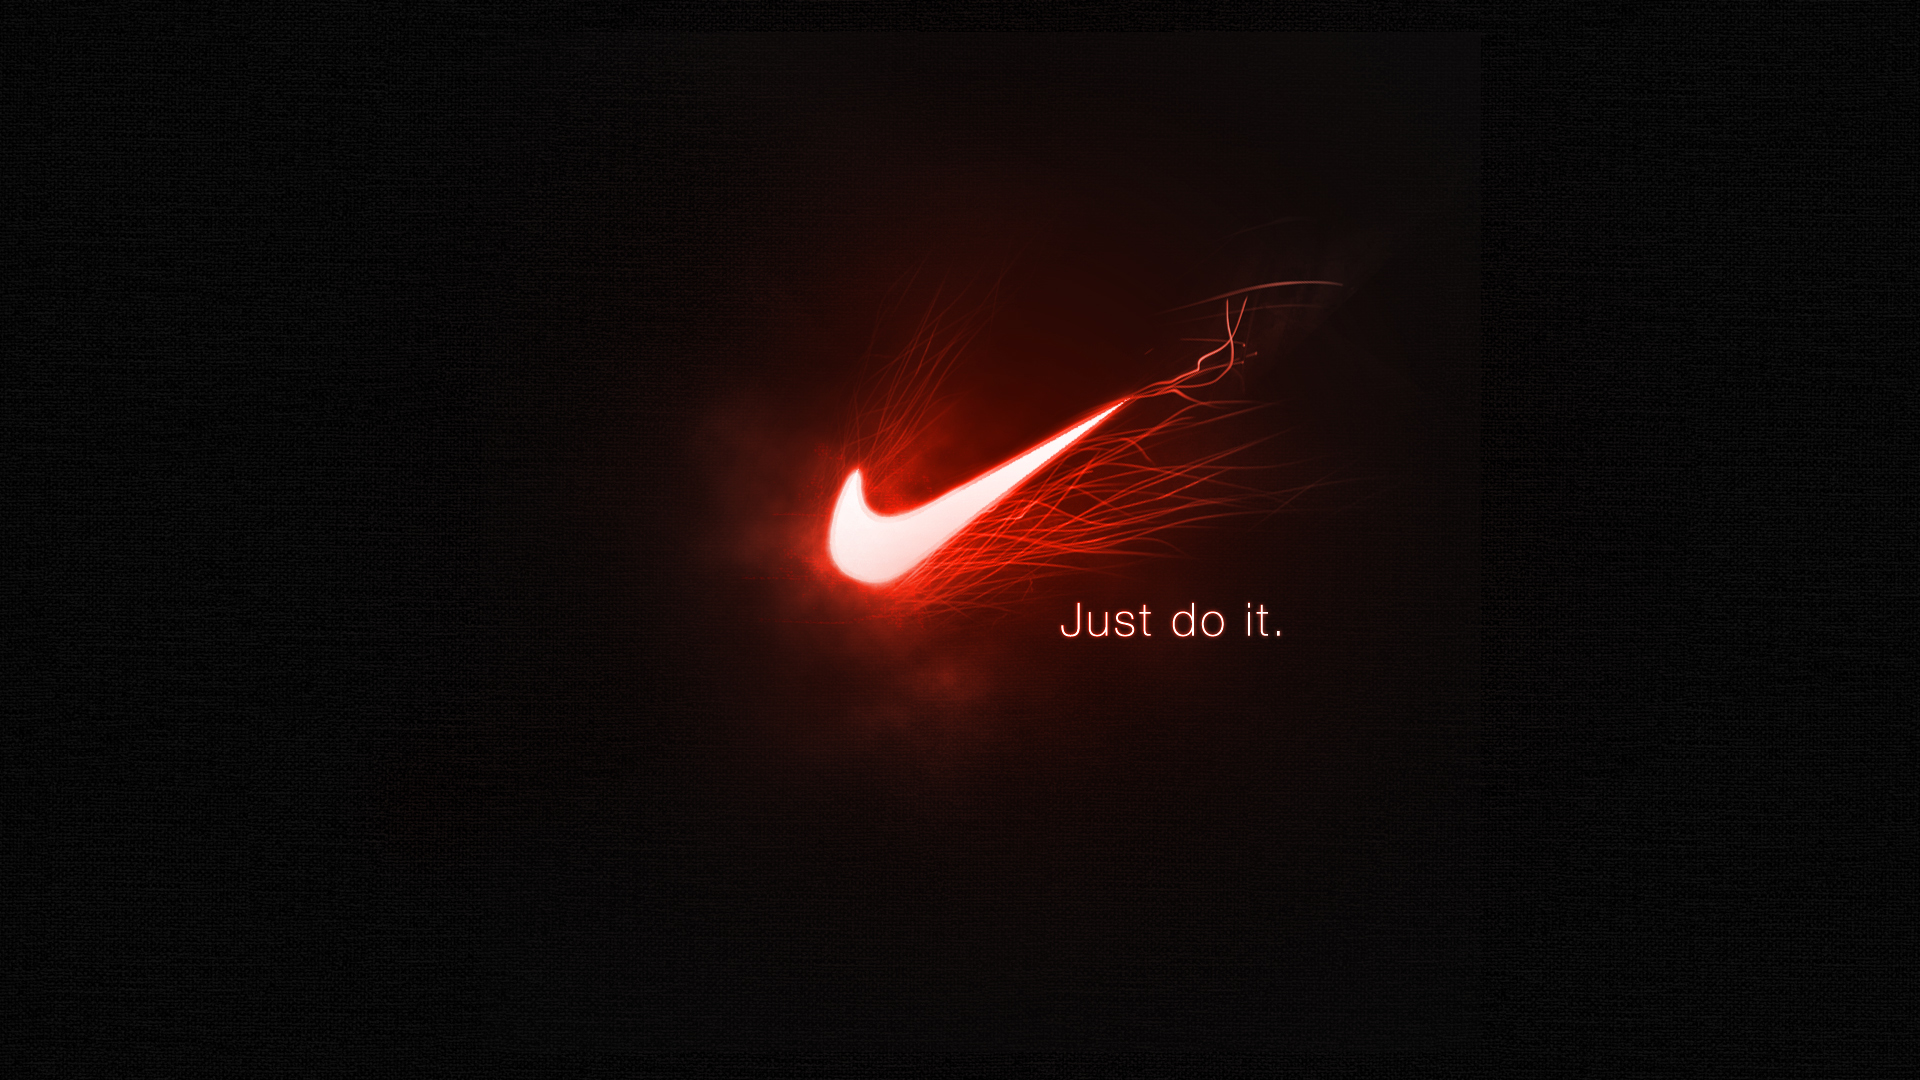 13251 Заставки и Обои Бренды на телефон. Скачать Найк (Nike), Бренды, Логотипы, Арт картинки бесплатно